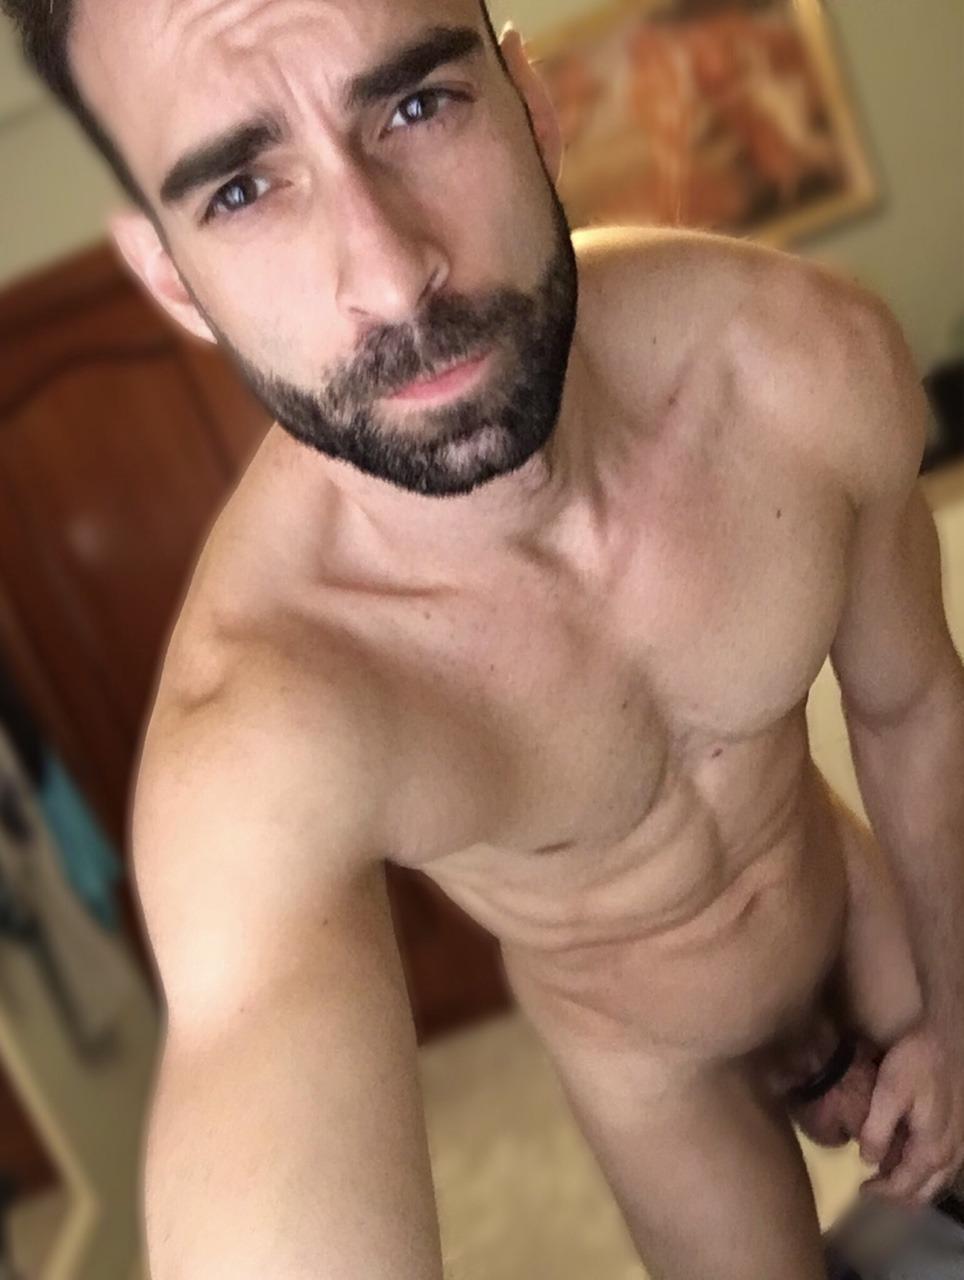 2018-06-04 05:20:23 - albertcrush twitter beardburnme http://www.neofic.com